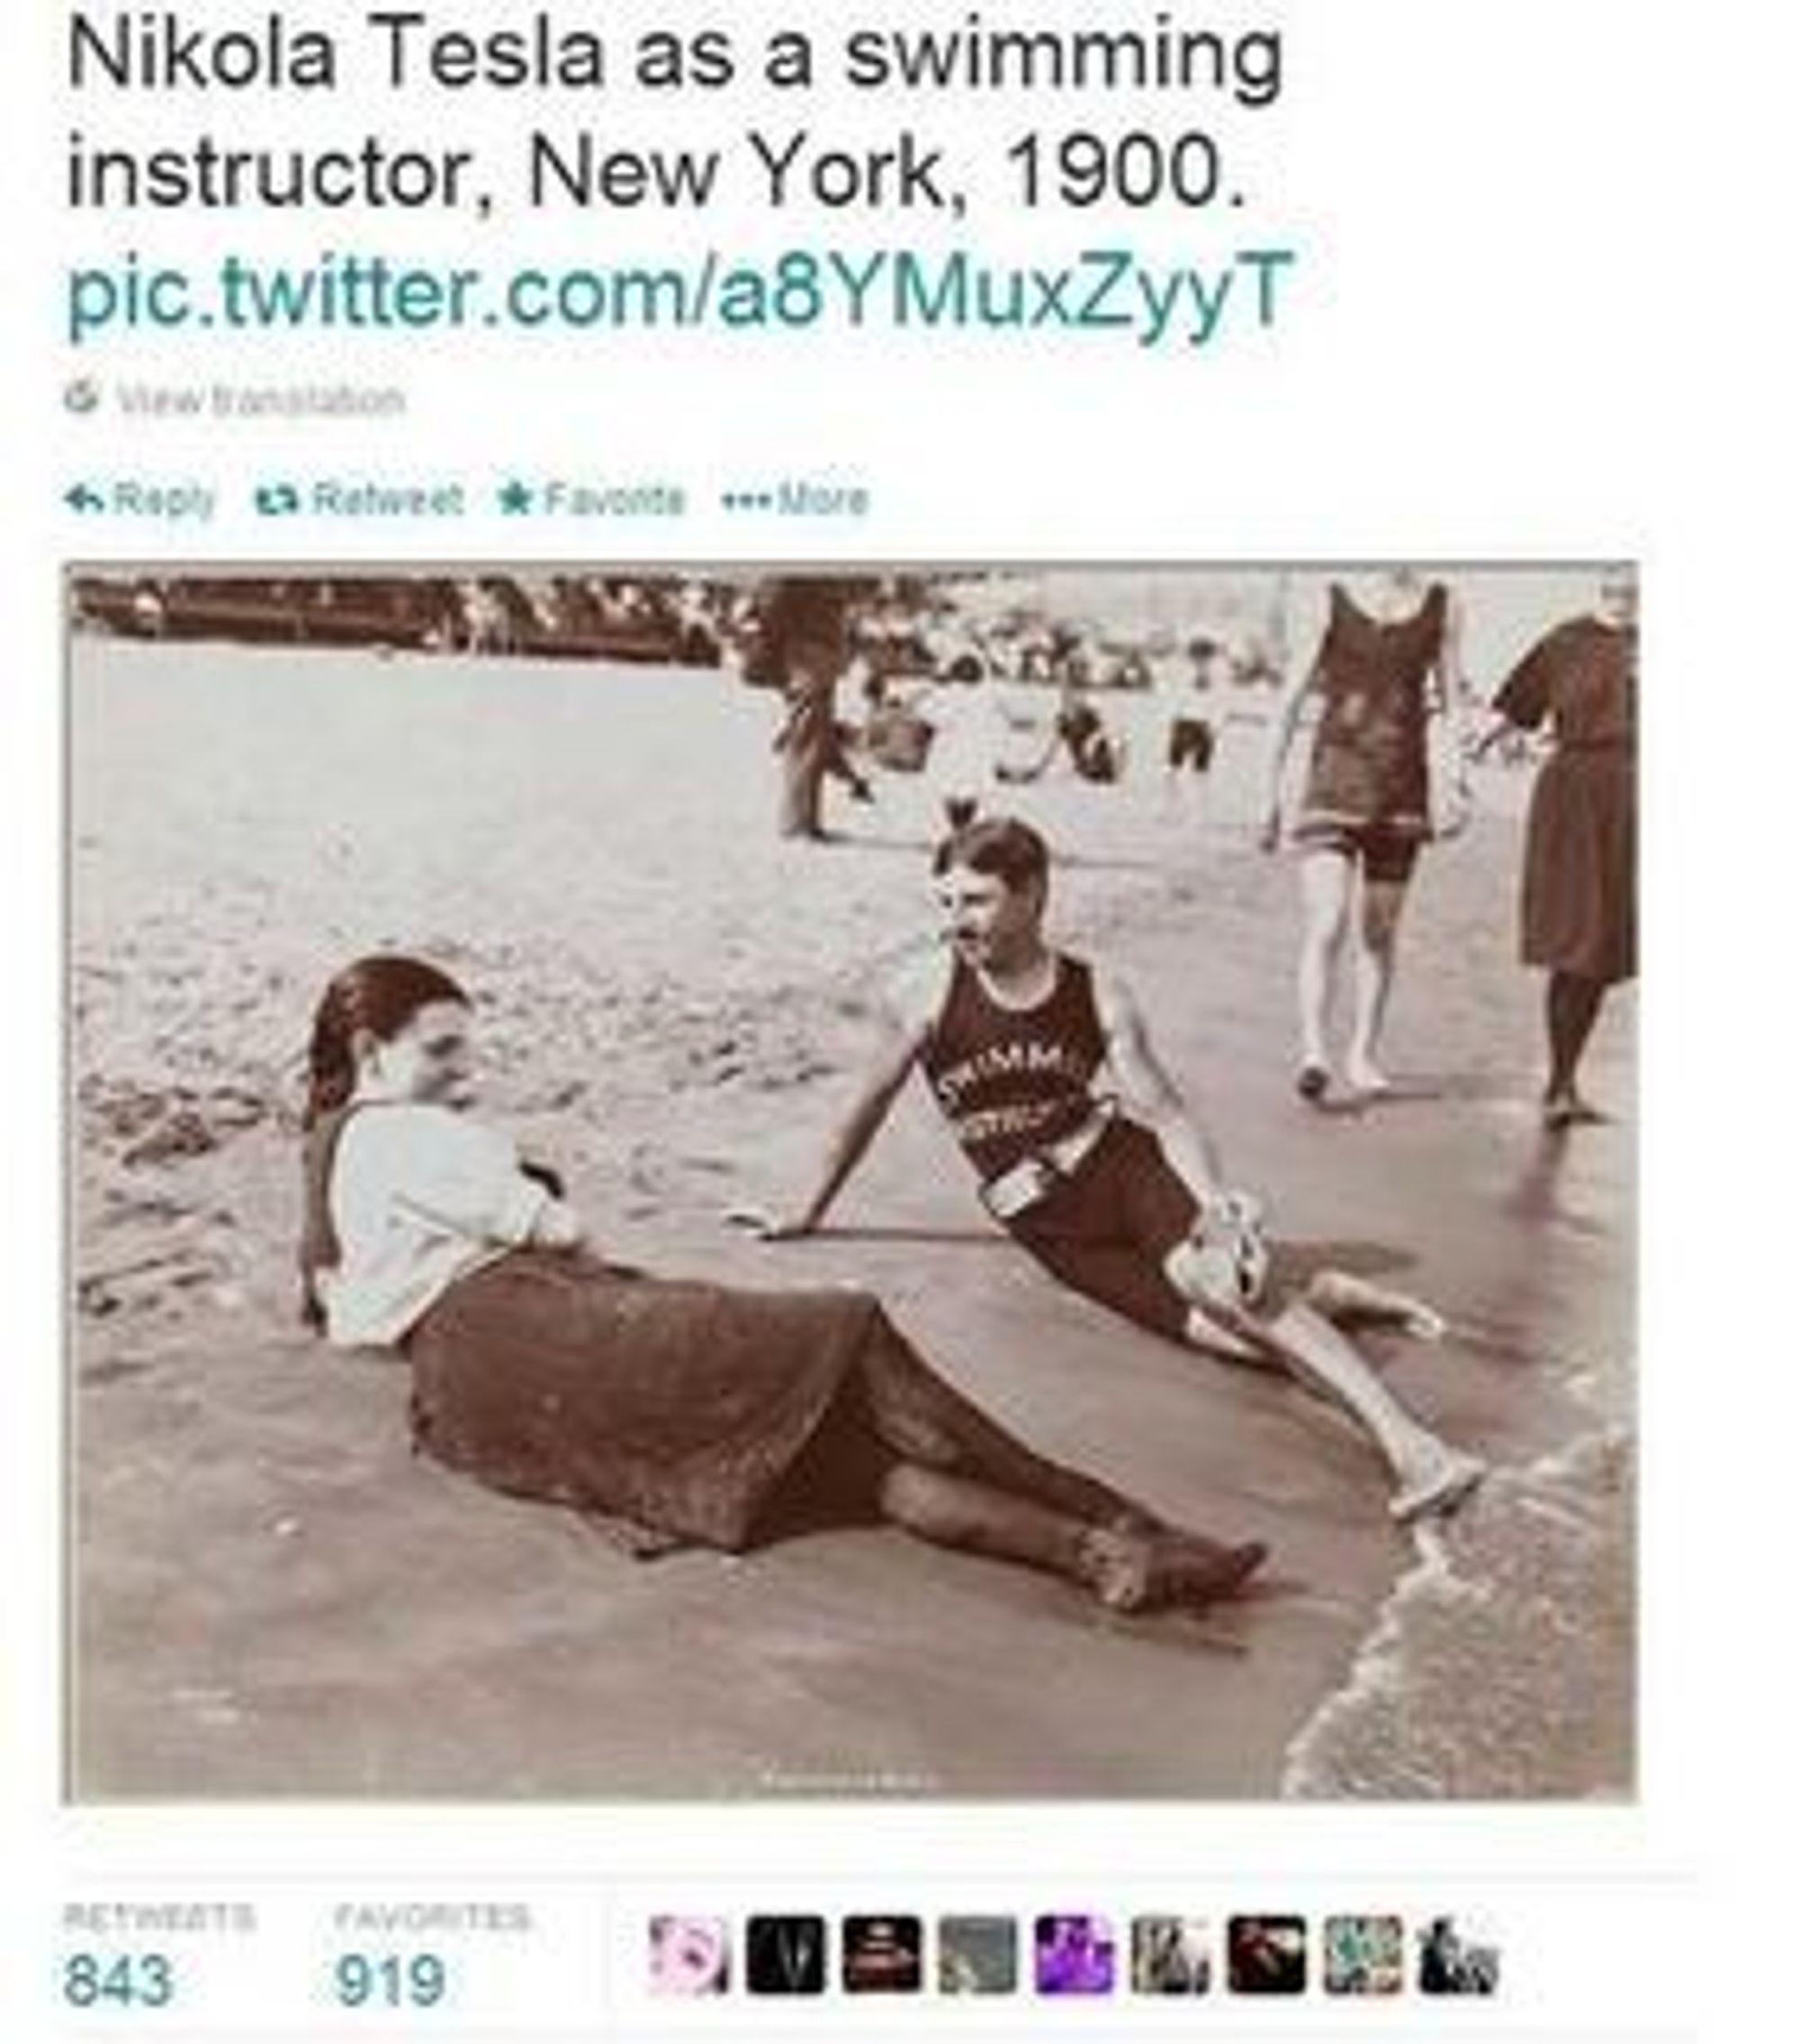 Svømmelærer? Ja. Vitenskapsmannen Nikolas Tesla? Nei. Faksimile fra Twitterkontoen @historicalpics